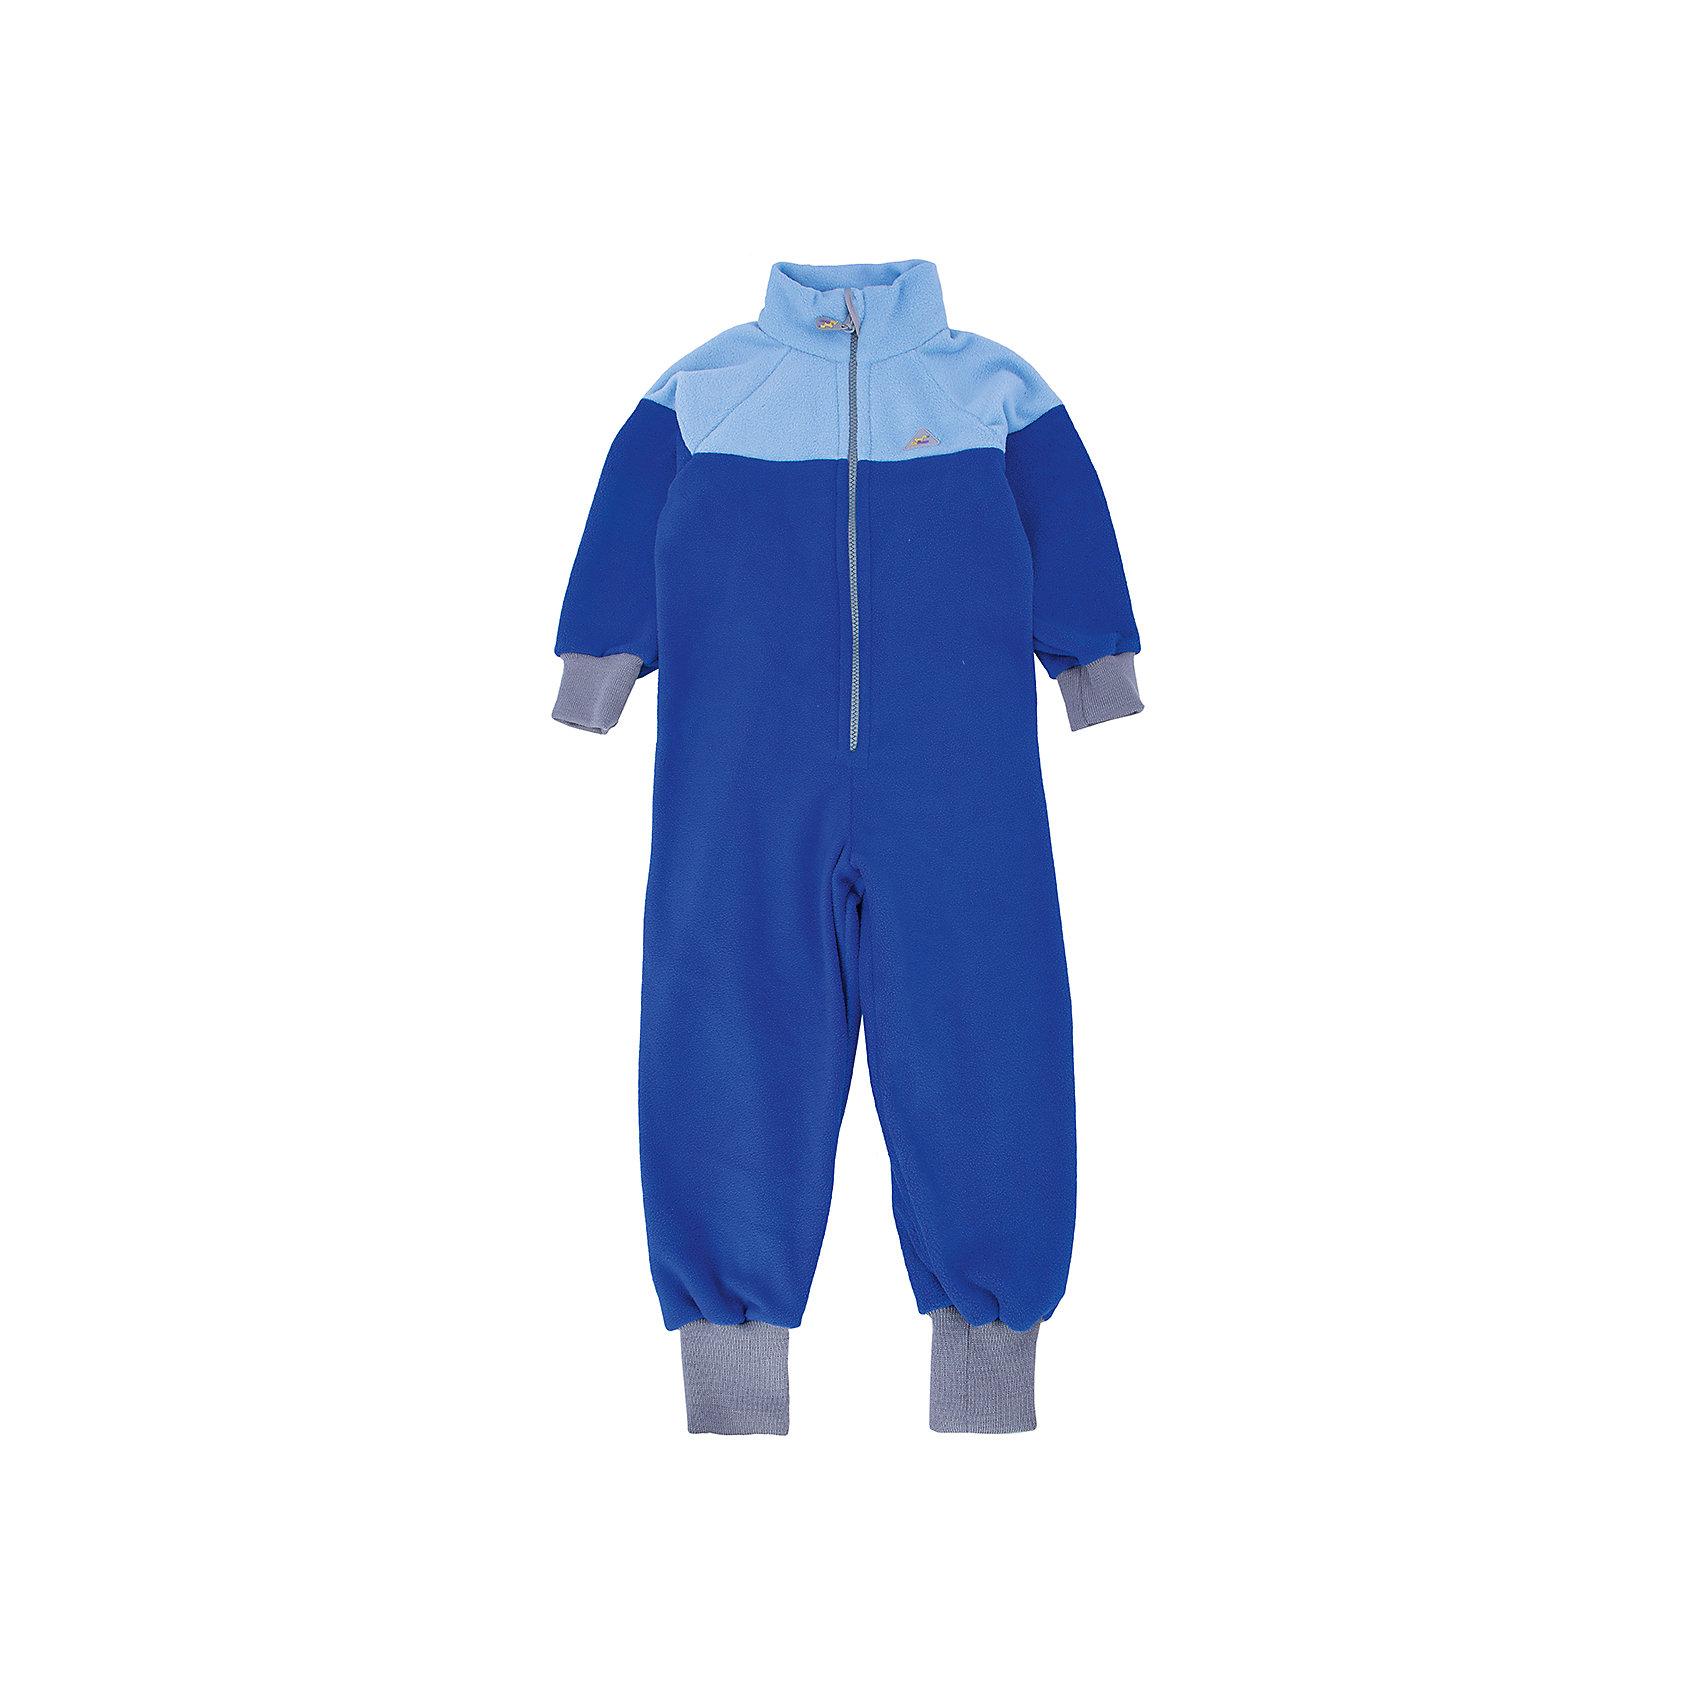 Комбинезон Чемпион для мальчика ЛисФлисФлис и термобелье<br>Характеристики комбинезона:<br><br>- пол: для мальчиков<br>- комплект: комбинезон<br>- длина рукава: длинные<br>- цвет: голубой/синий<br>- вид застежки: молния<br>- материал: флис<br>- уход: предварительная стирка<br>- рисунок: без рисунка<br>- утеплитель: без утепления<br>- назначение: повседневная<br>- сезон: круглогодичный<br>- страна бренда: Россия<br>- страна производитель: Россия<br><br>Комбинезон торговой марки ЛисФлис Чемпион идеальный вариант под мембранную одежду. Изделие одевается как поддева (дополнительный утепляющий слой) под мембранную ветровку, а можно носить как самостоятельное изделие. Прекрасный вариант на межсезонье и зиму. Прочная молния комбинезона расстегивается и застегивается одним движением руки. Удобные широкие эластичные манжеты обеспечат идеальную посадку по фигуре. Комбинезон удачно притален сзади.<br><br>Комбинезон для мальчика торговой марки ЛисФлис  можно купить в нашем интернет-магазине.<br><br>Ширина мм: 215<br>Глубина мм: 88<br>Высота мм: 191<br>Вес г: 336<br>Цвет: голубой/синий<br>Возраст от месяцев: 24<br>Возраст до месяцев: 36<br>Пол: Мужской<br>Возраст: Детский<br>Размер: 98,134,80,86,92,104,110,116,122,128<br>SKU: 4938871